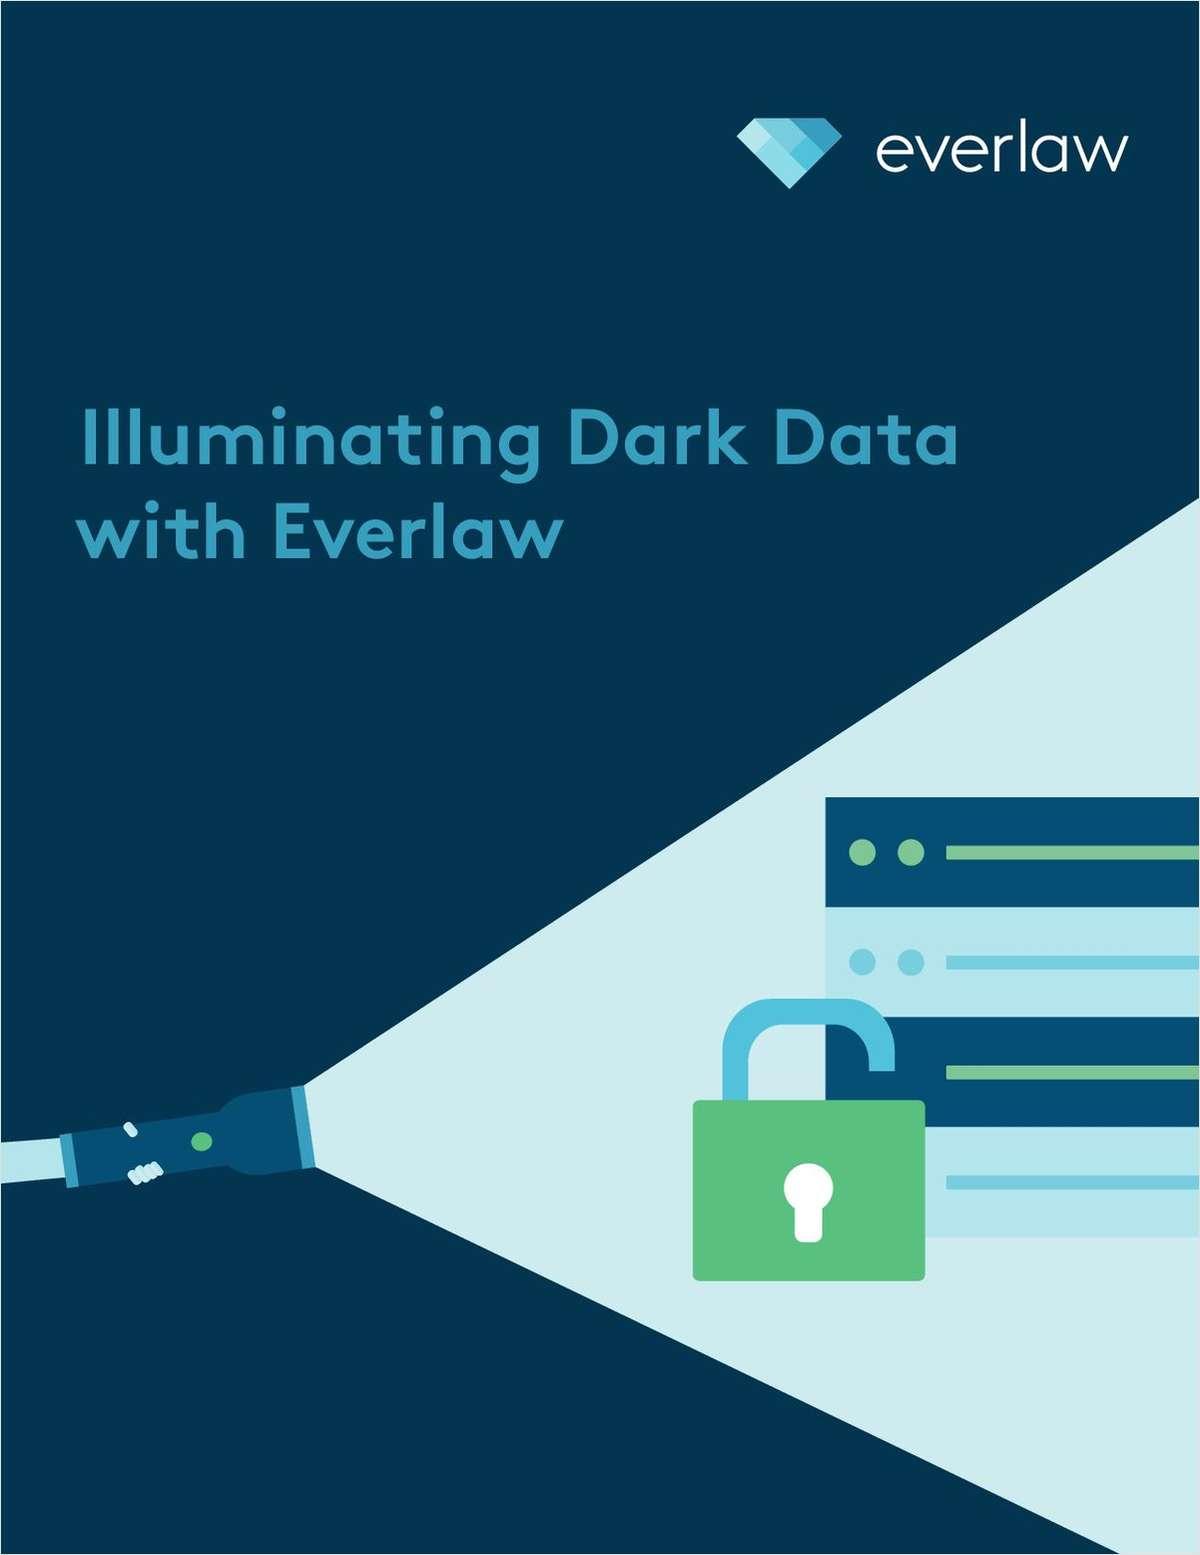 Illuminating Dark Data